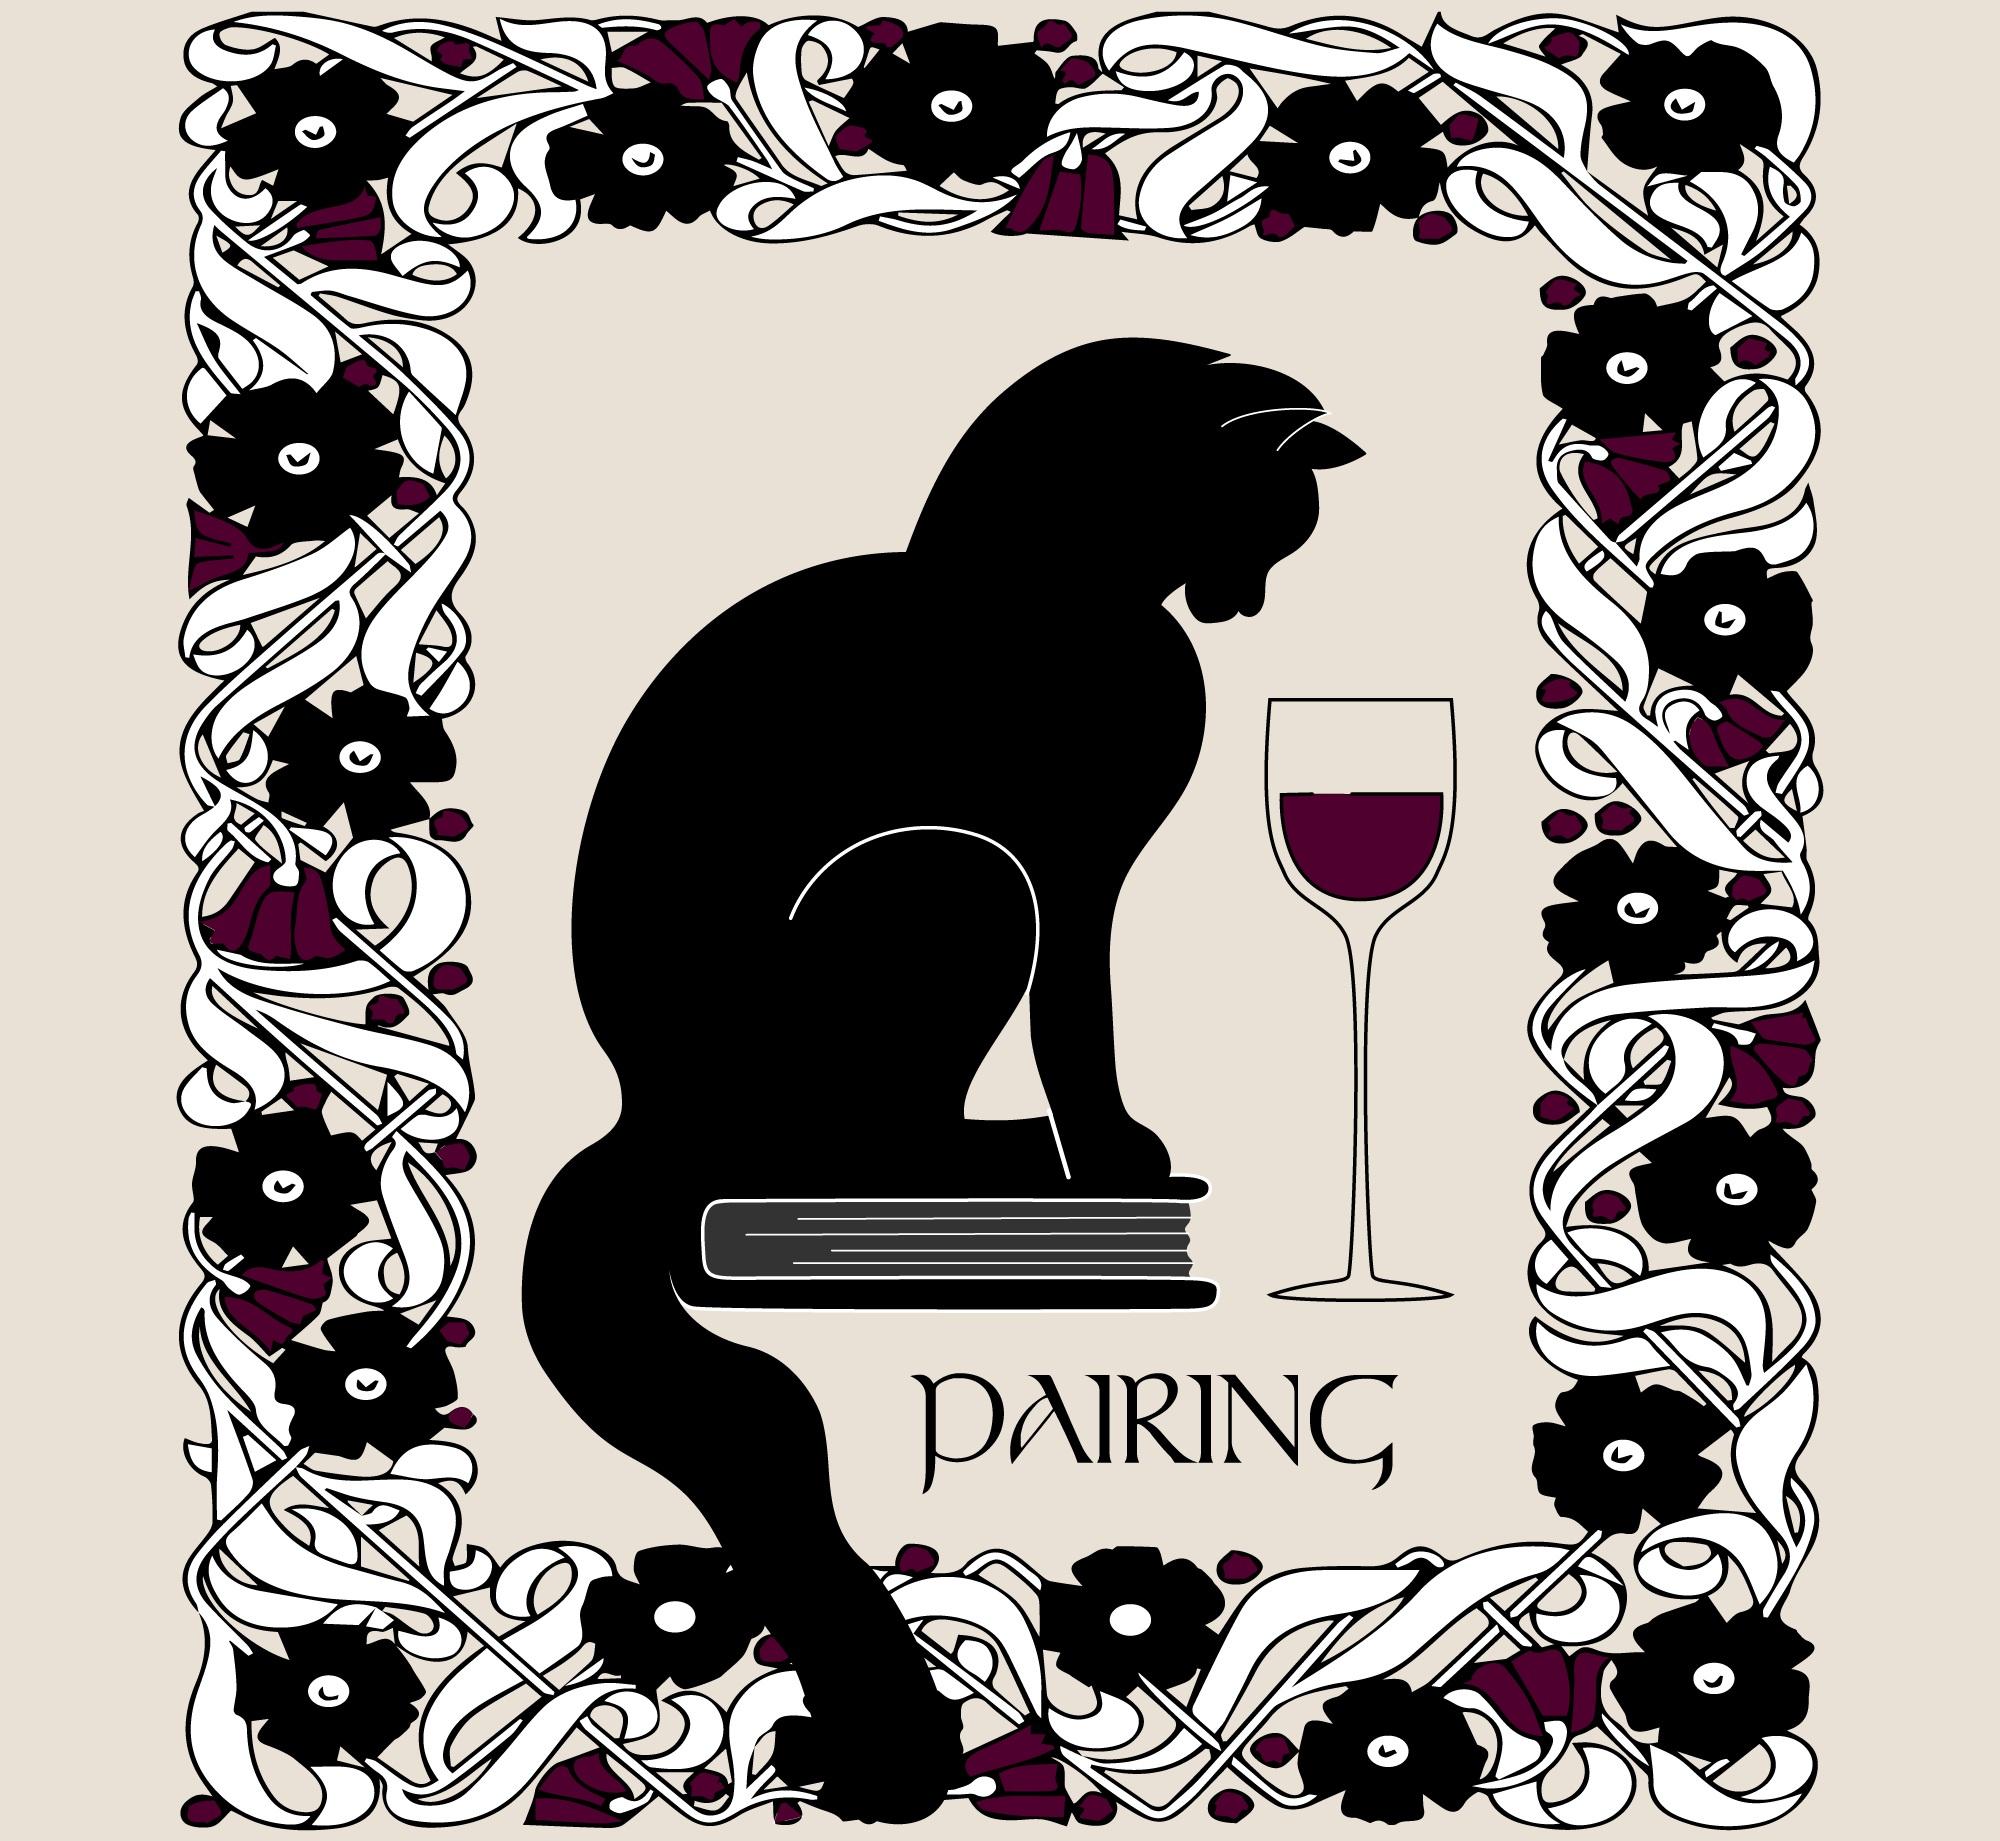 Pairing+Logo.jpg